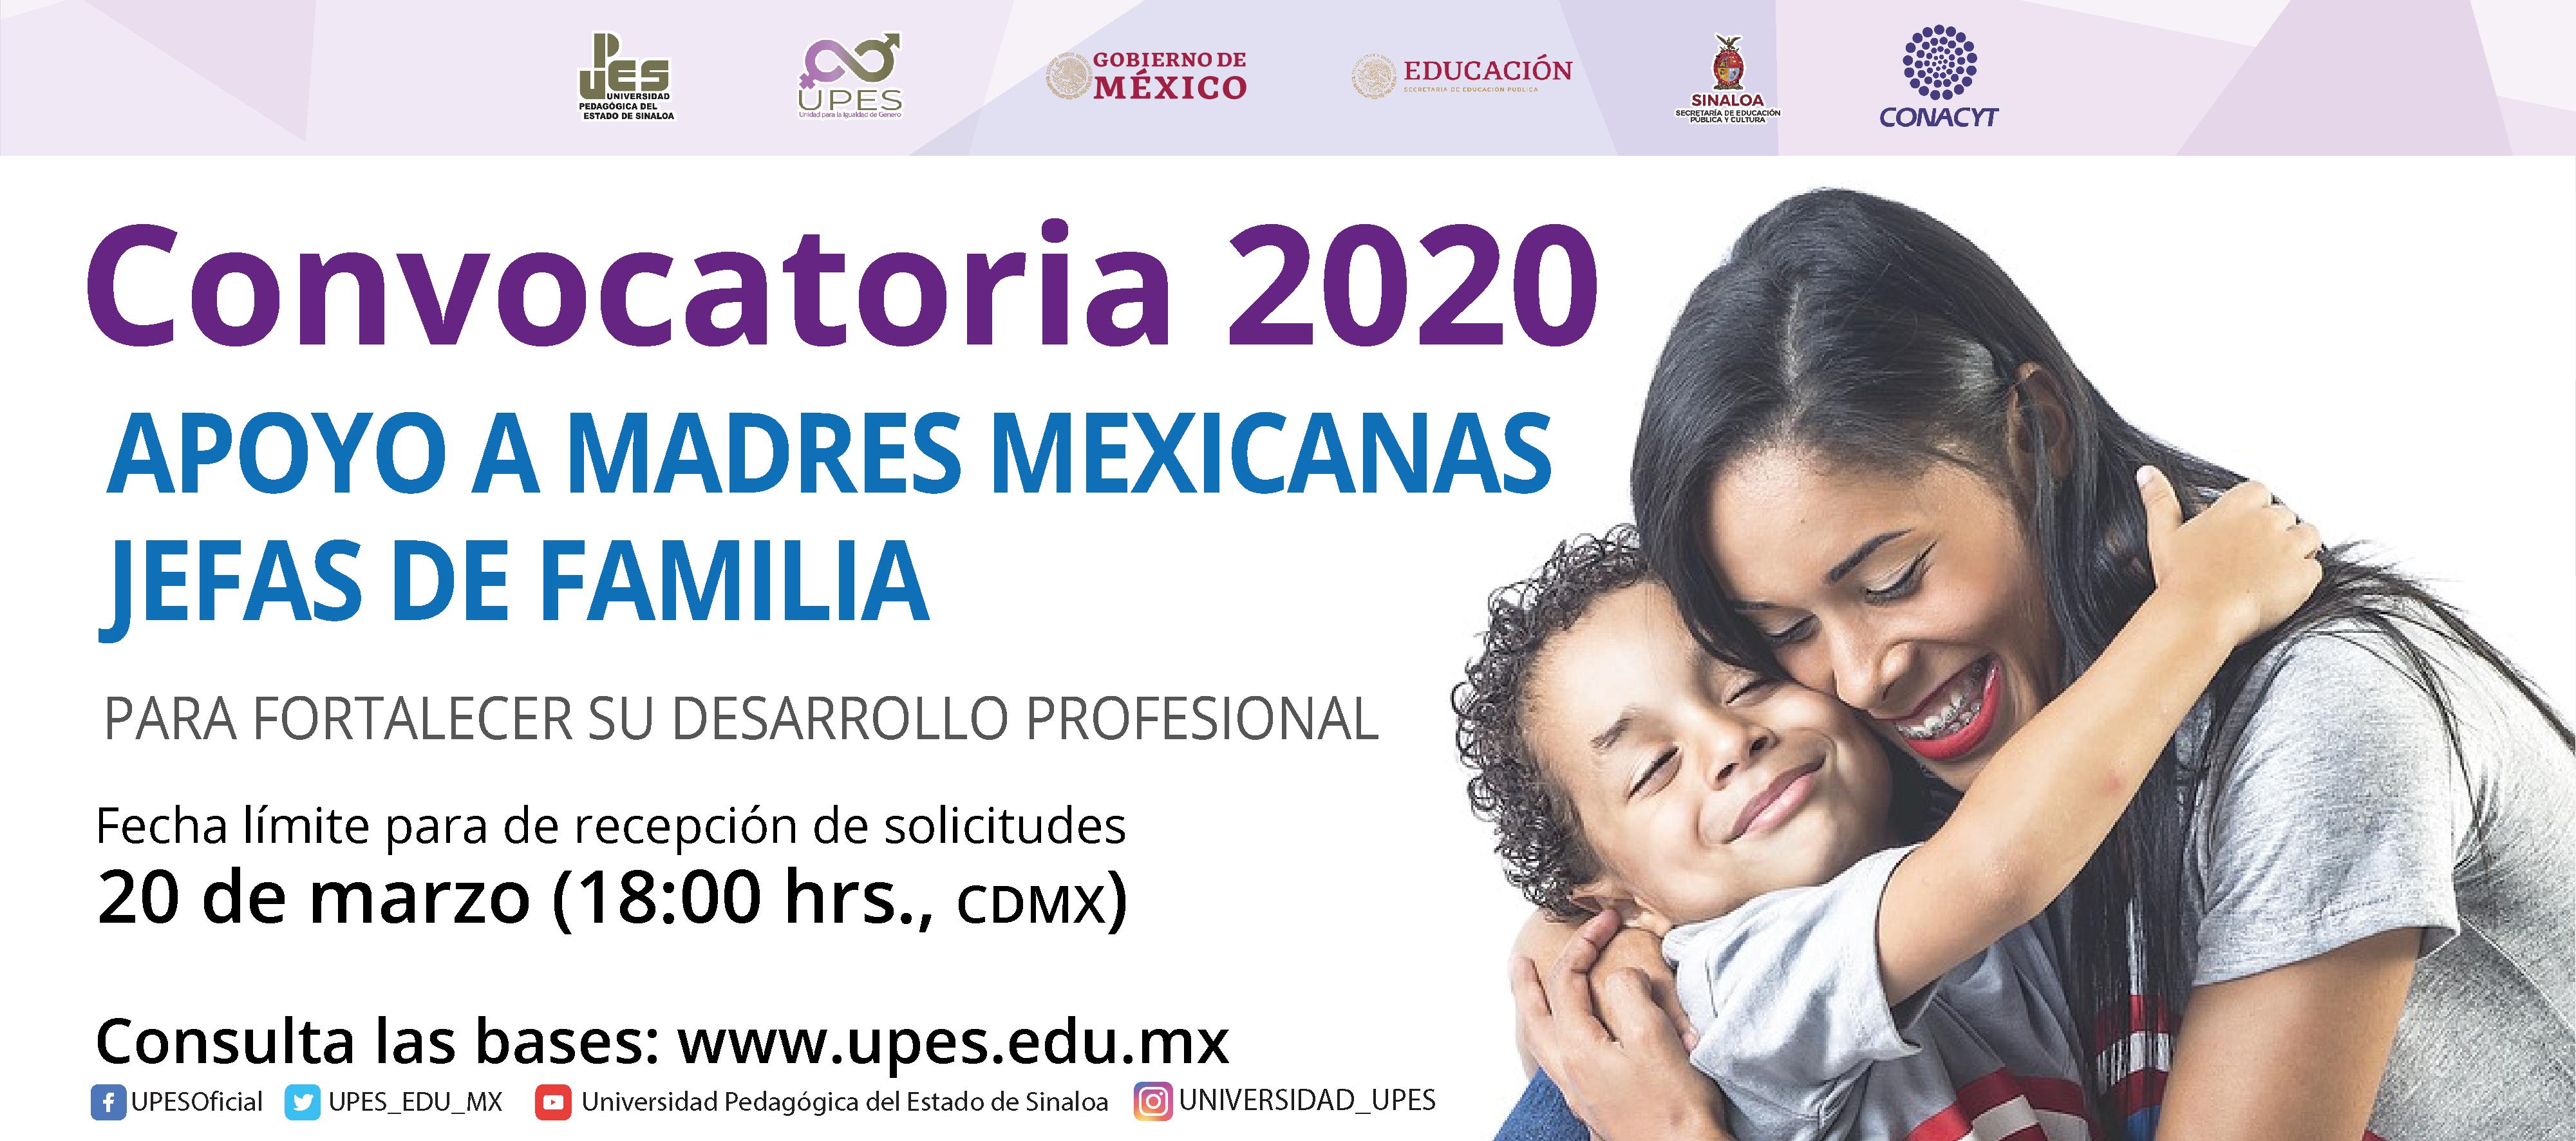 Convocatoria-Apoyo-a-Madres-2020-slider